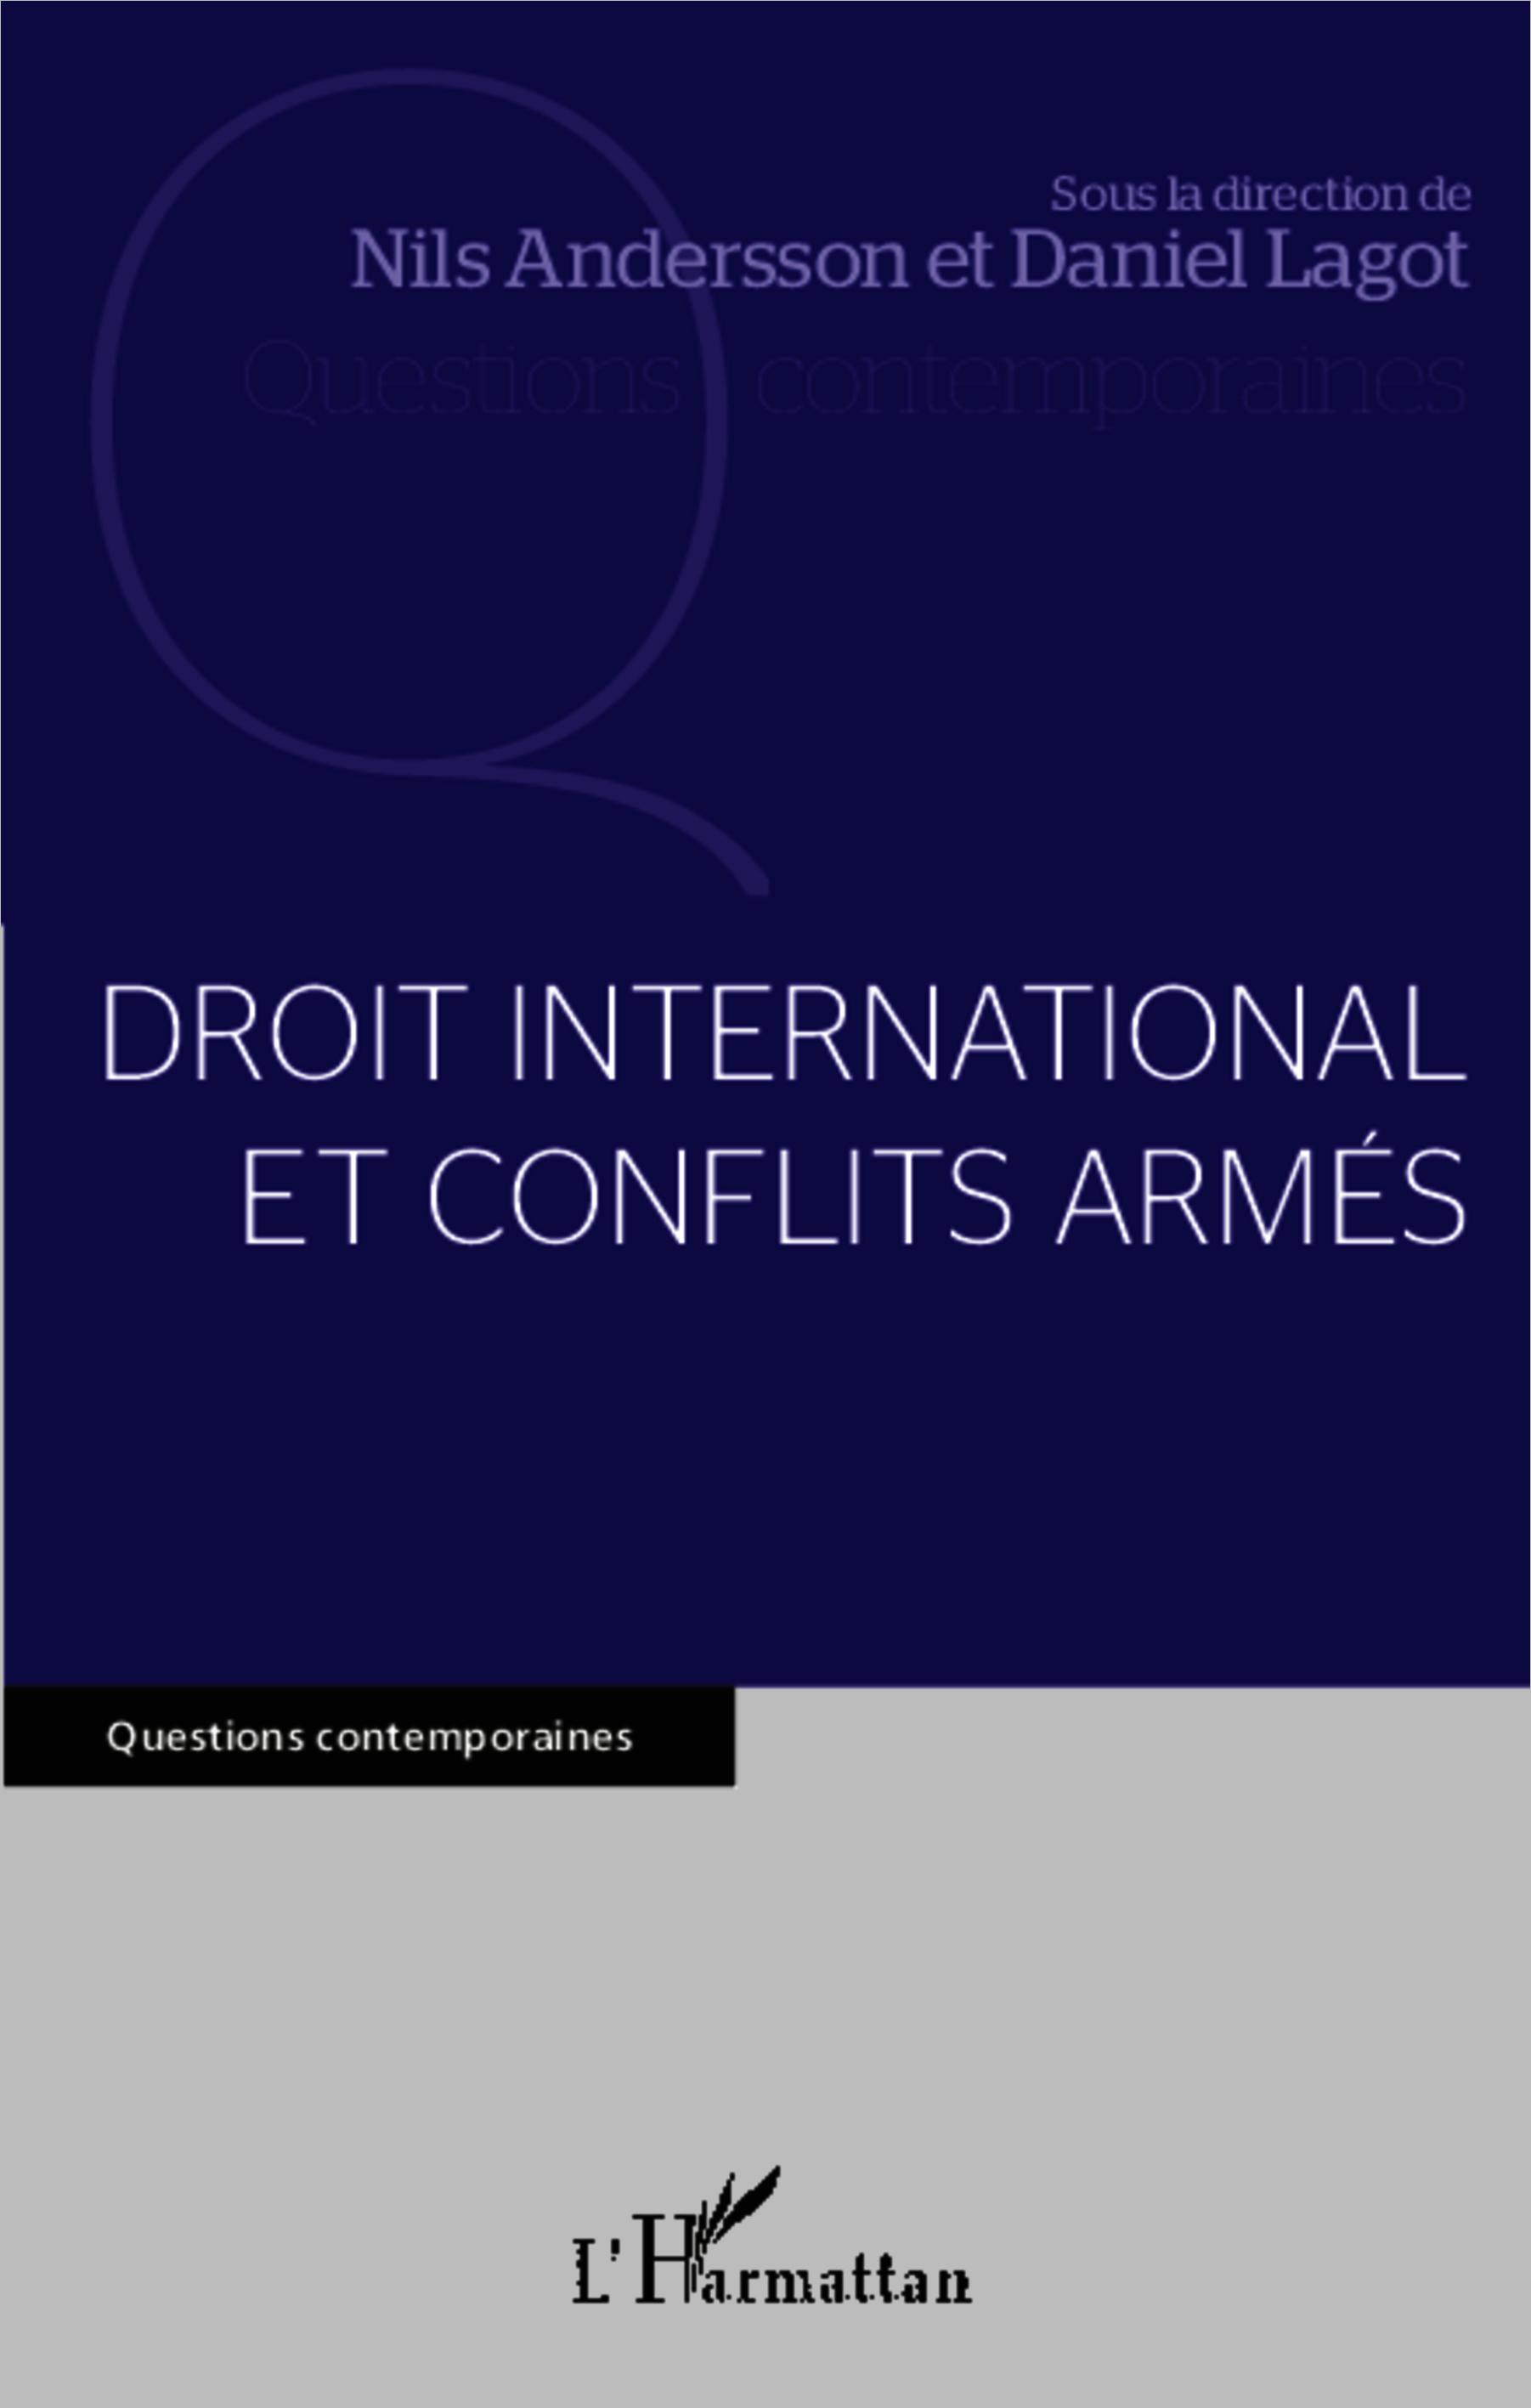 droit-international-et-conflits-armes1